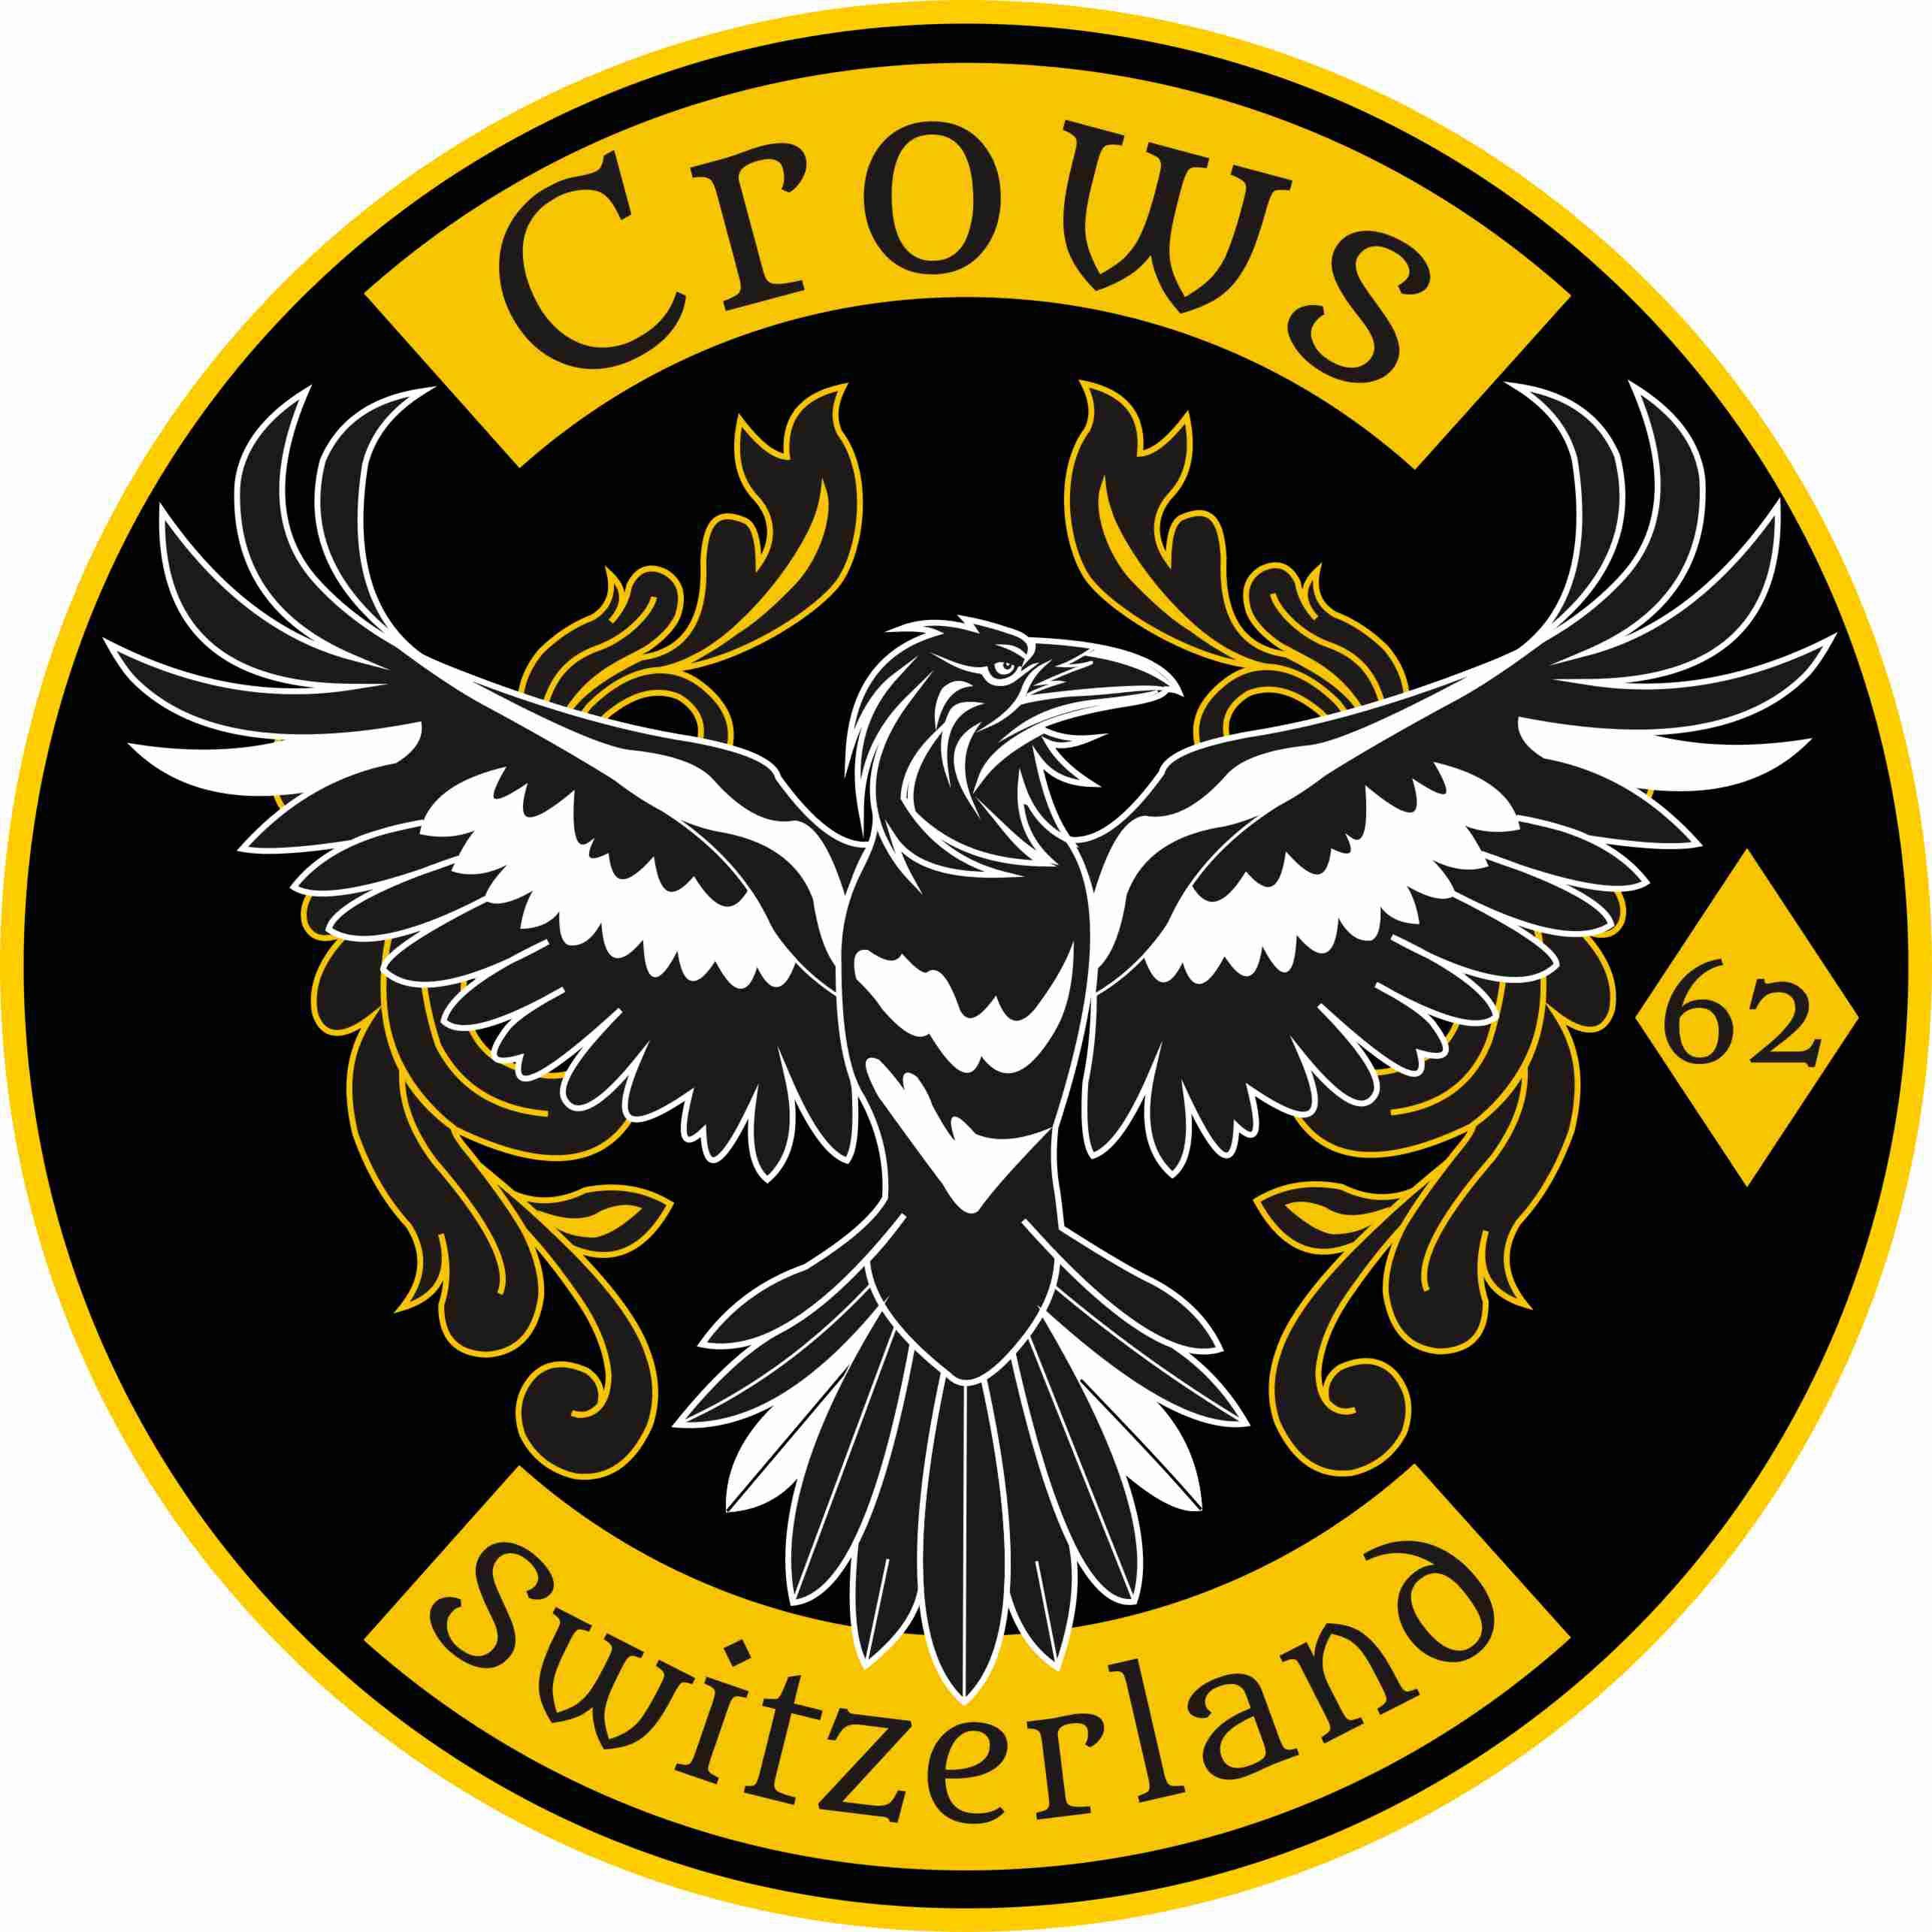 Crows Free Biker Switzerland